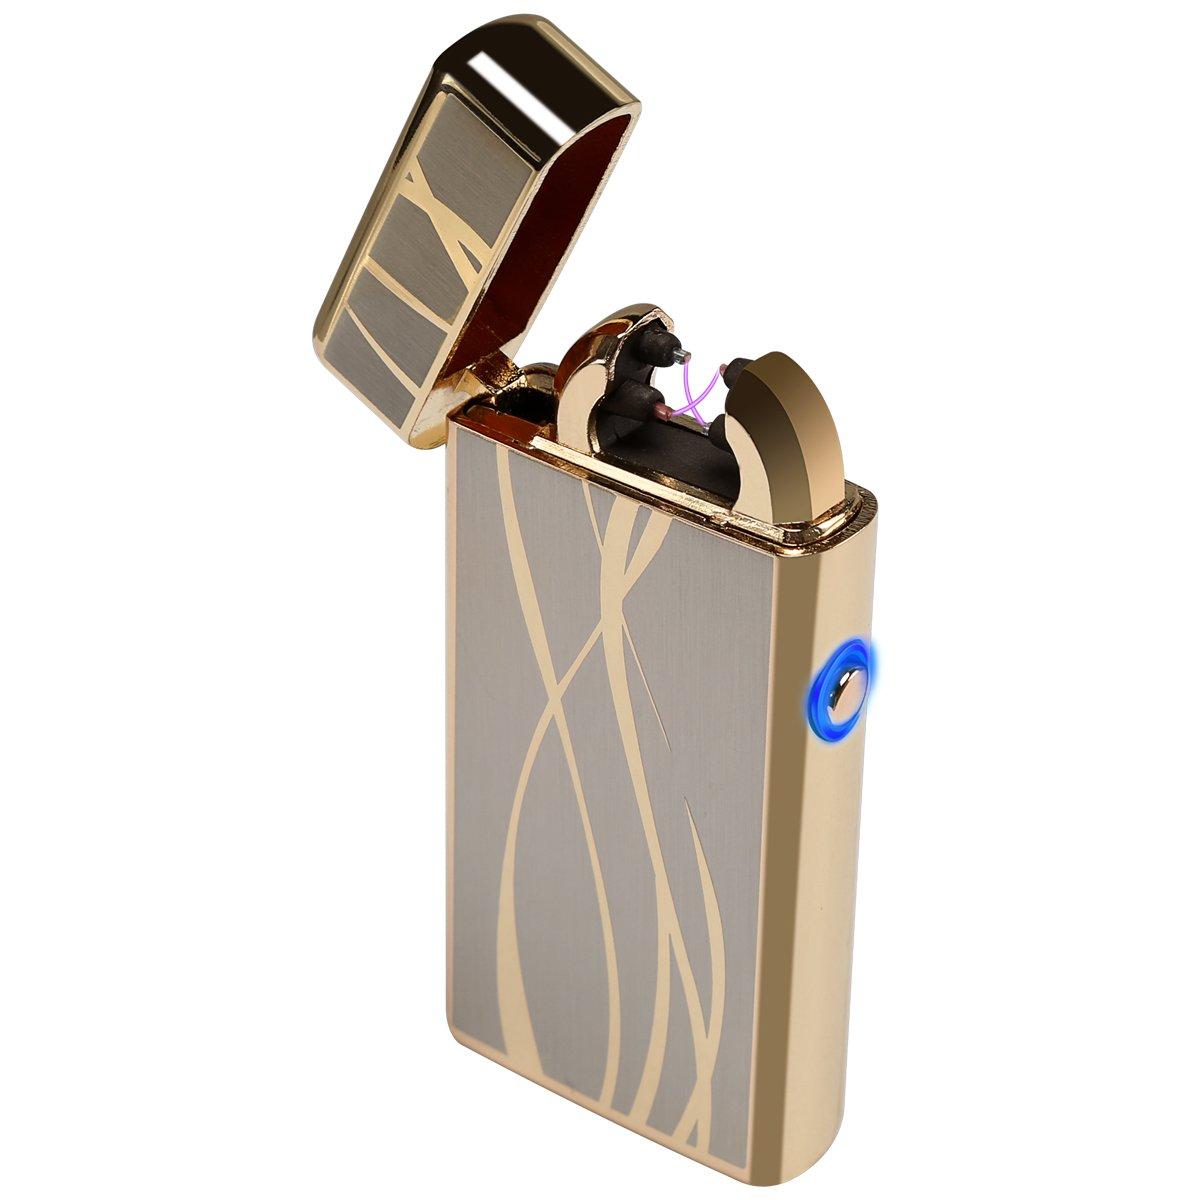 Kivors Briquet Rechargeable USB Classique Double Arc Electrique Briquet sans Flamme Anti Vent (Argent)